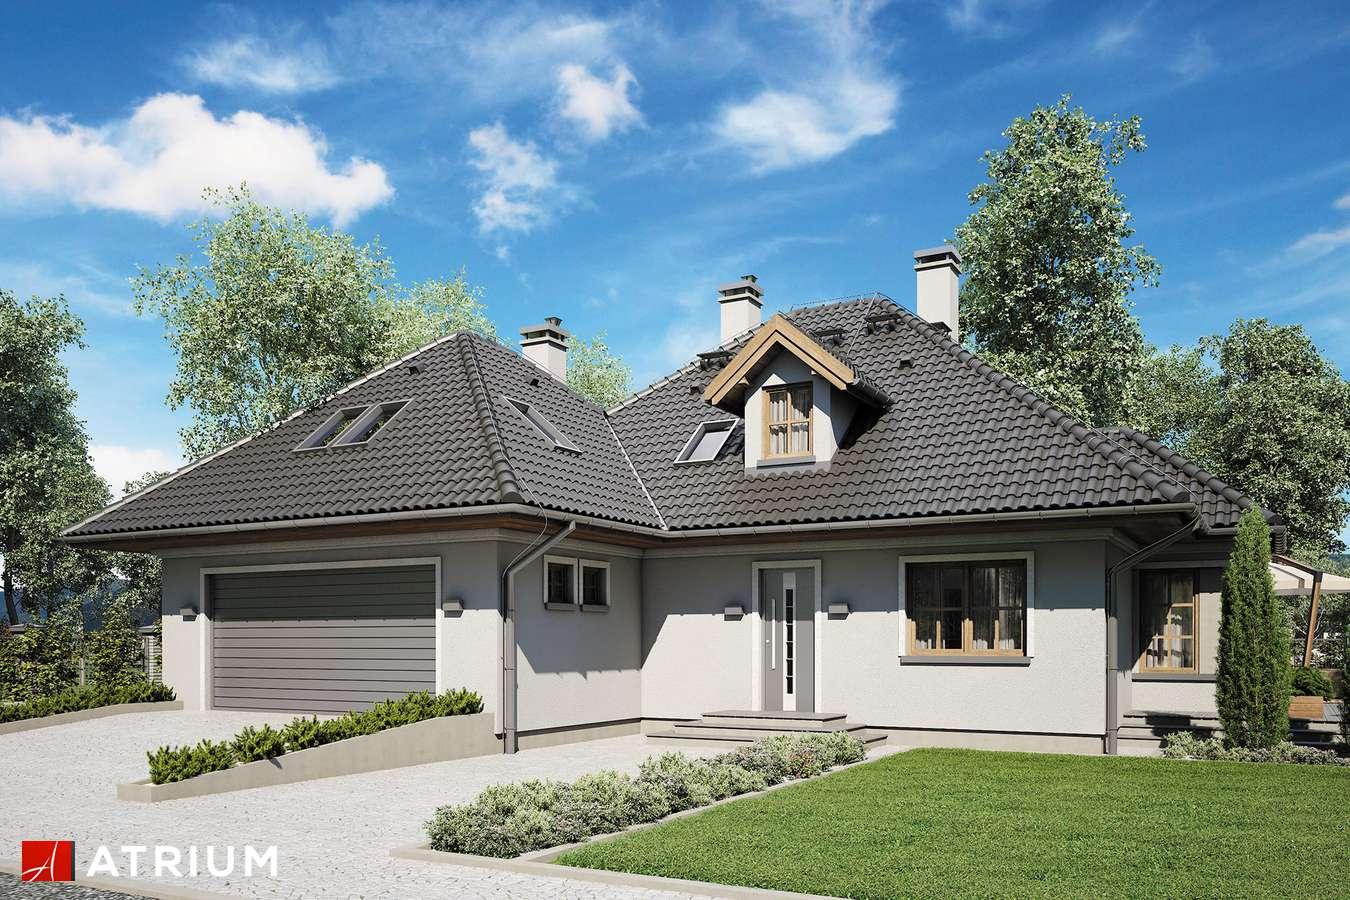 Projekty domów - Projekt domu z poddaszem GNIAZDO GILA - wizualizacja 1